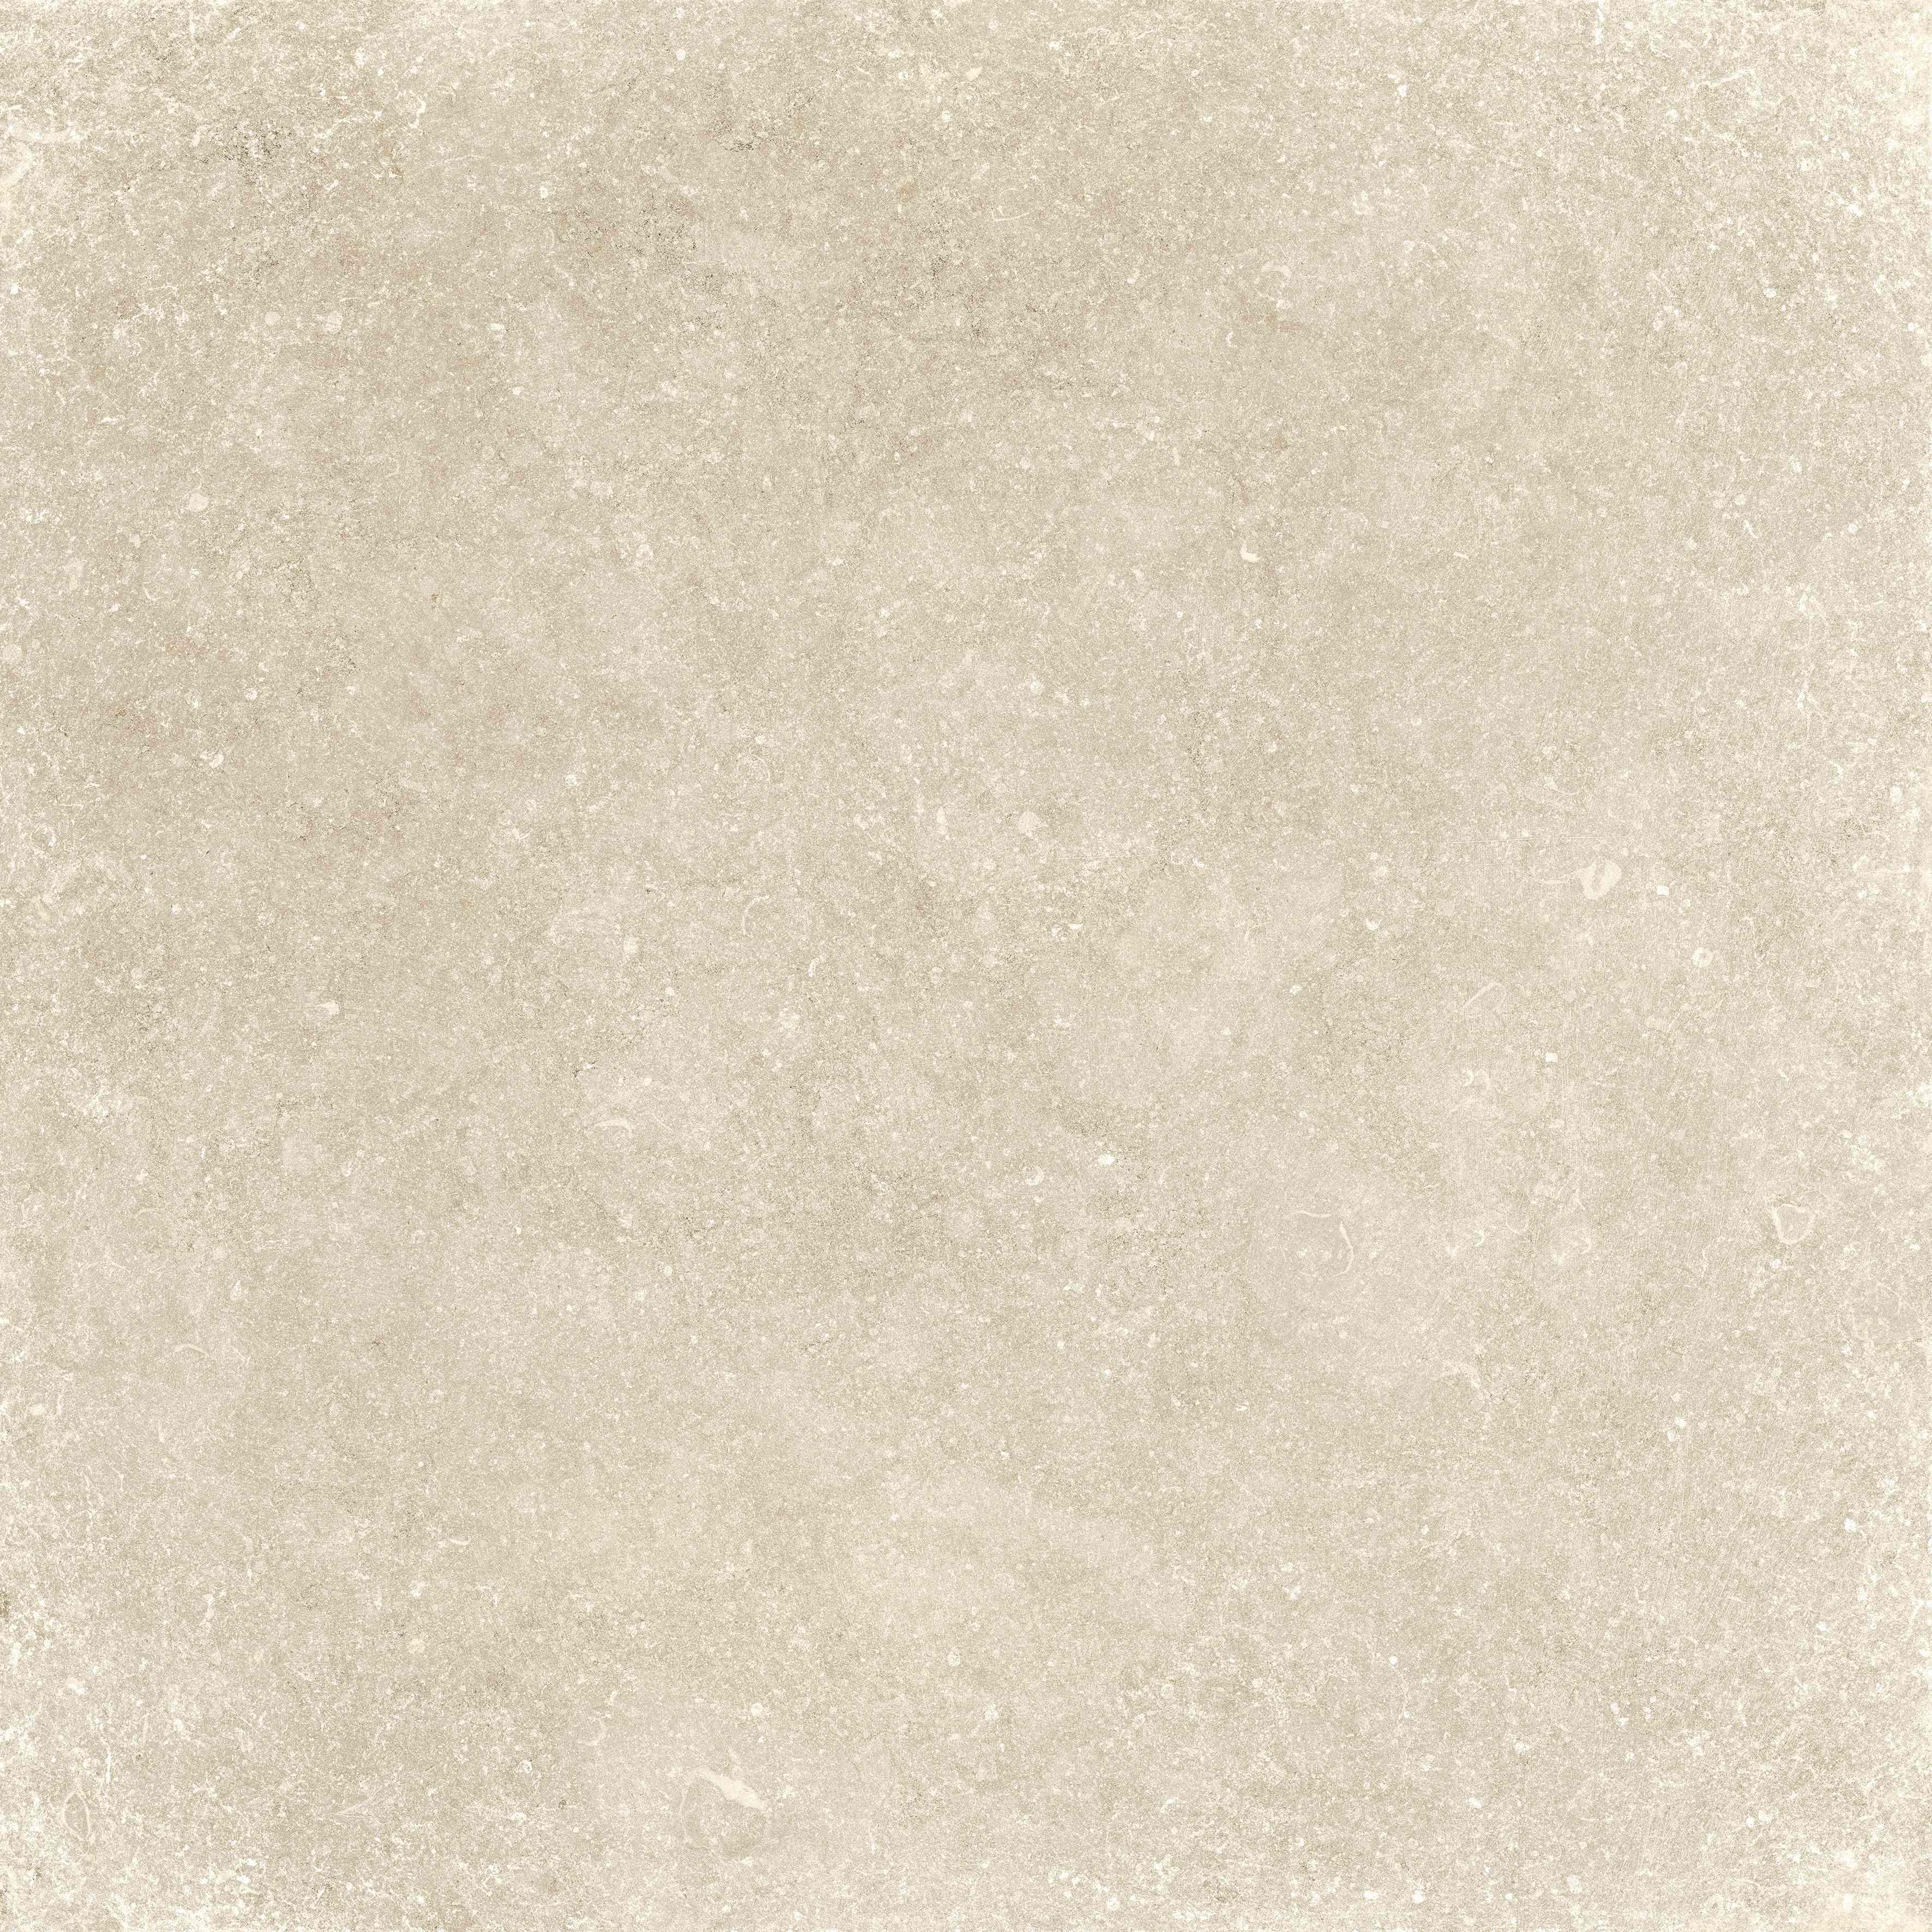 Плитка BEIGE (ZRXPZ3R) изображение 9